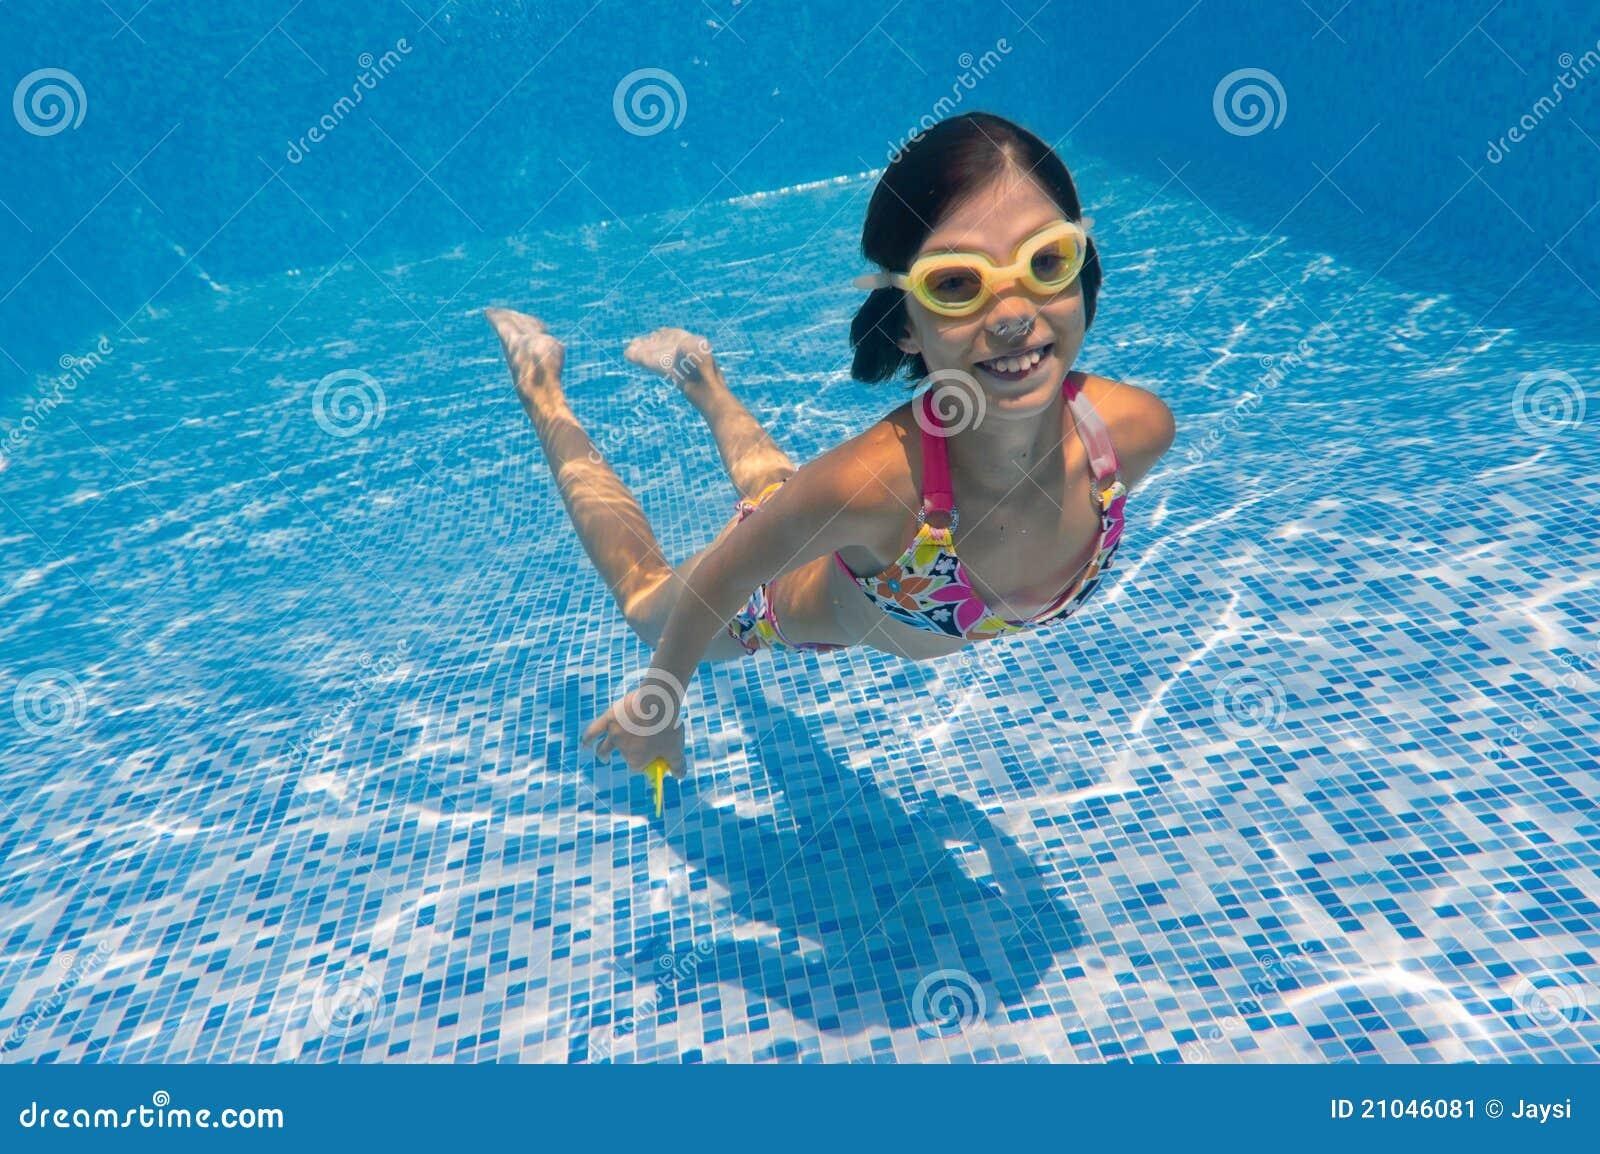 child swimming underwater - photo #14